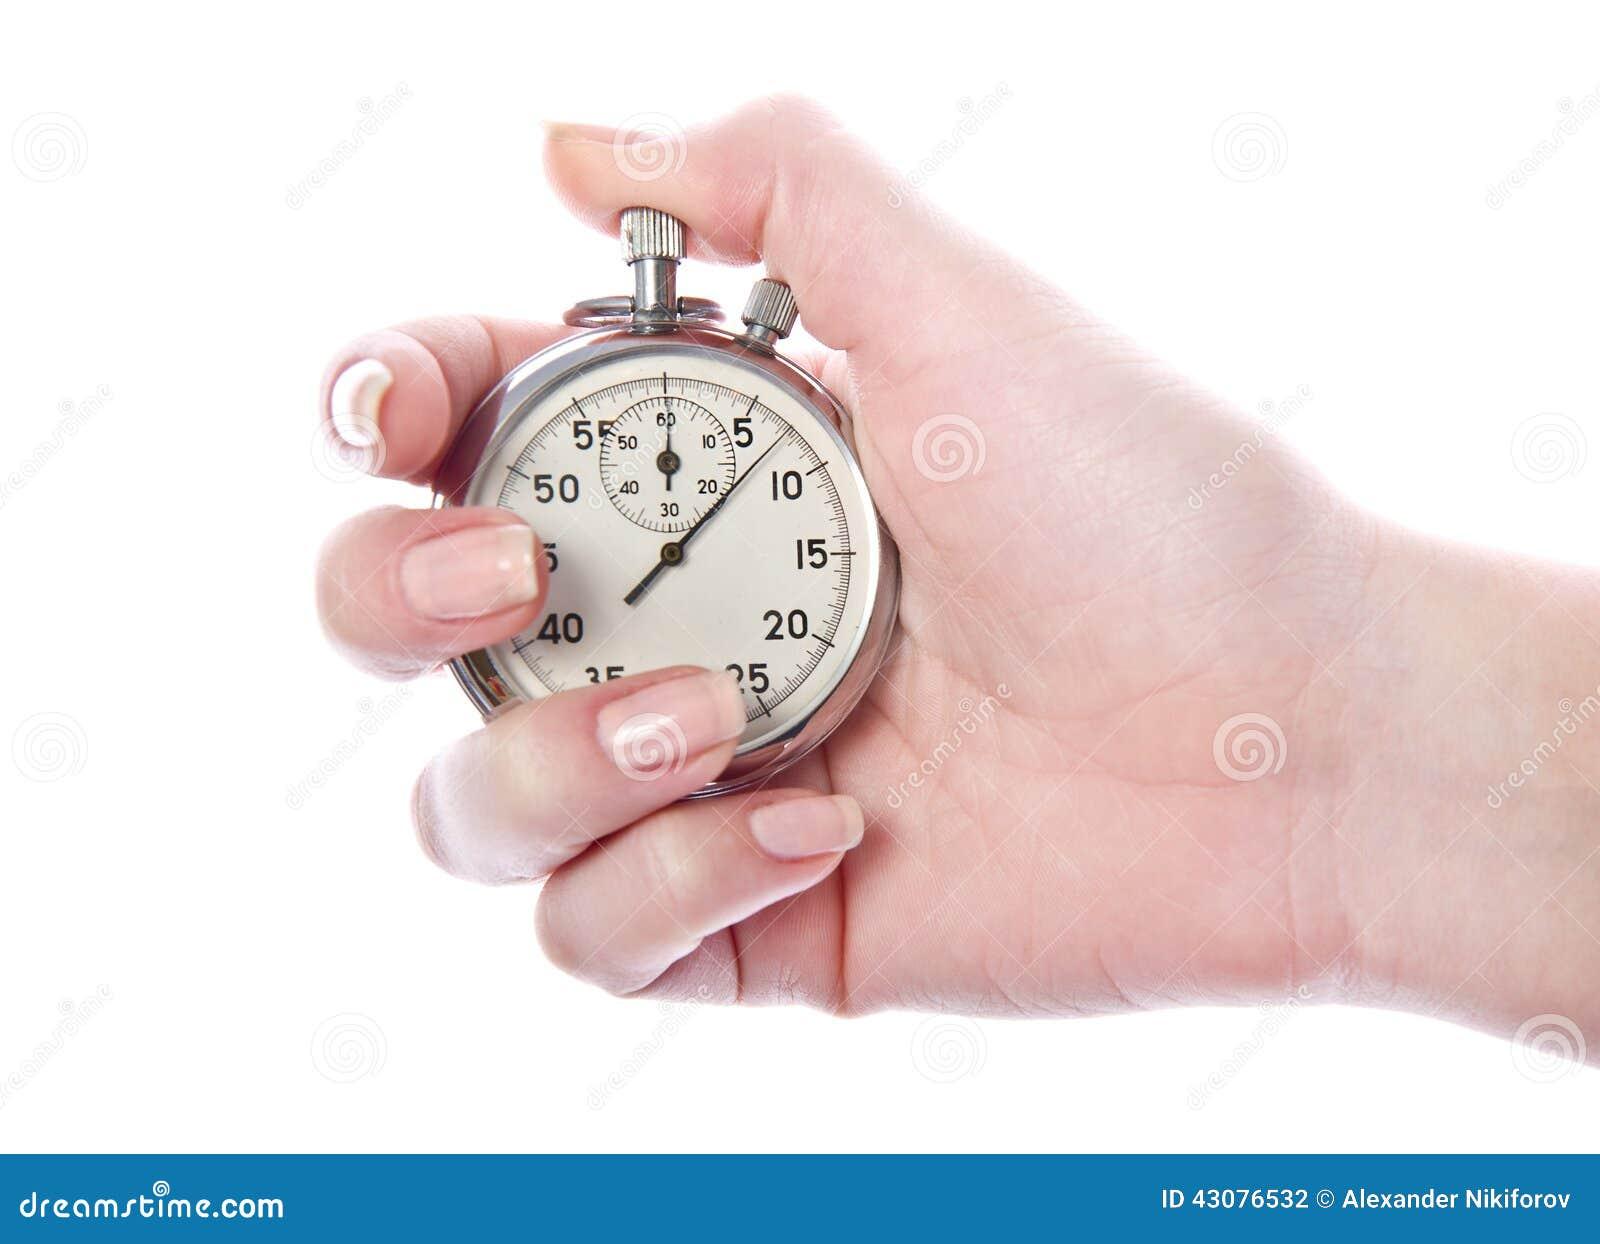 Εκλεκτής ποιότητας χρονόμετρο με διακόπτη αθλητικών χρονομέτρων